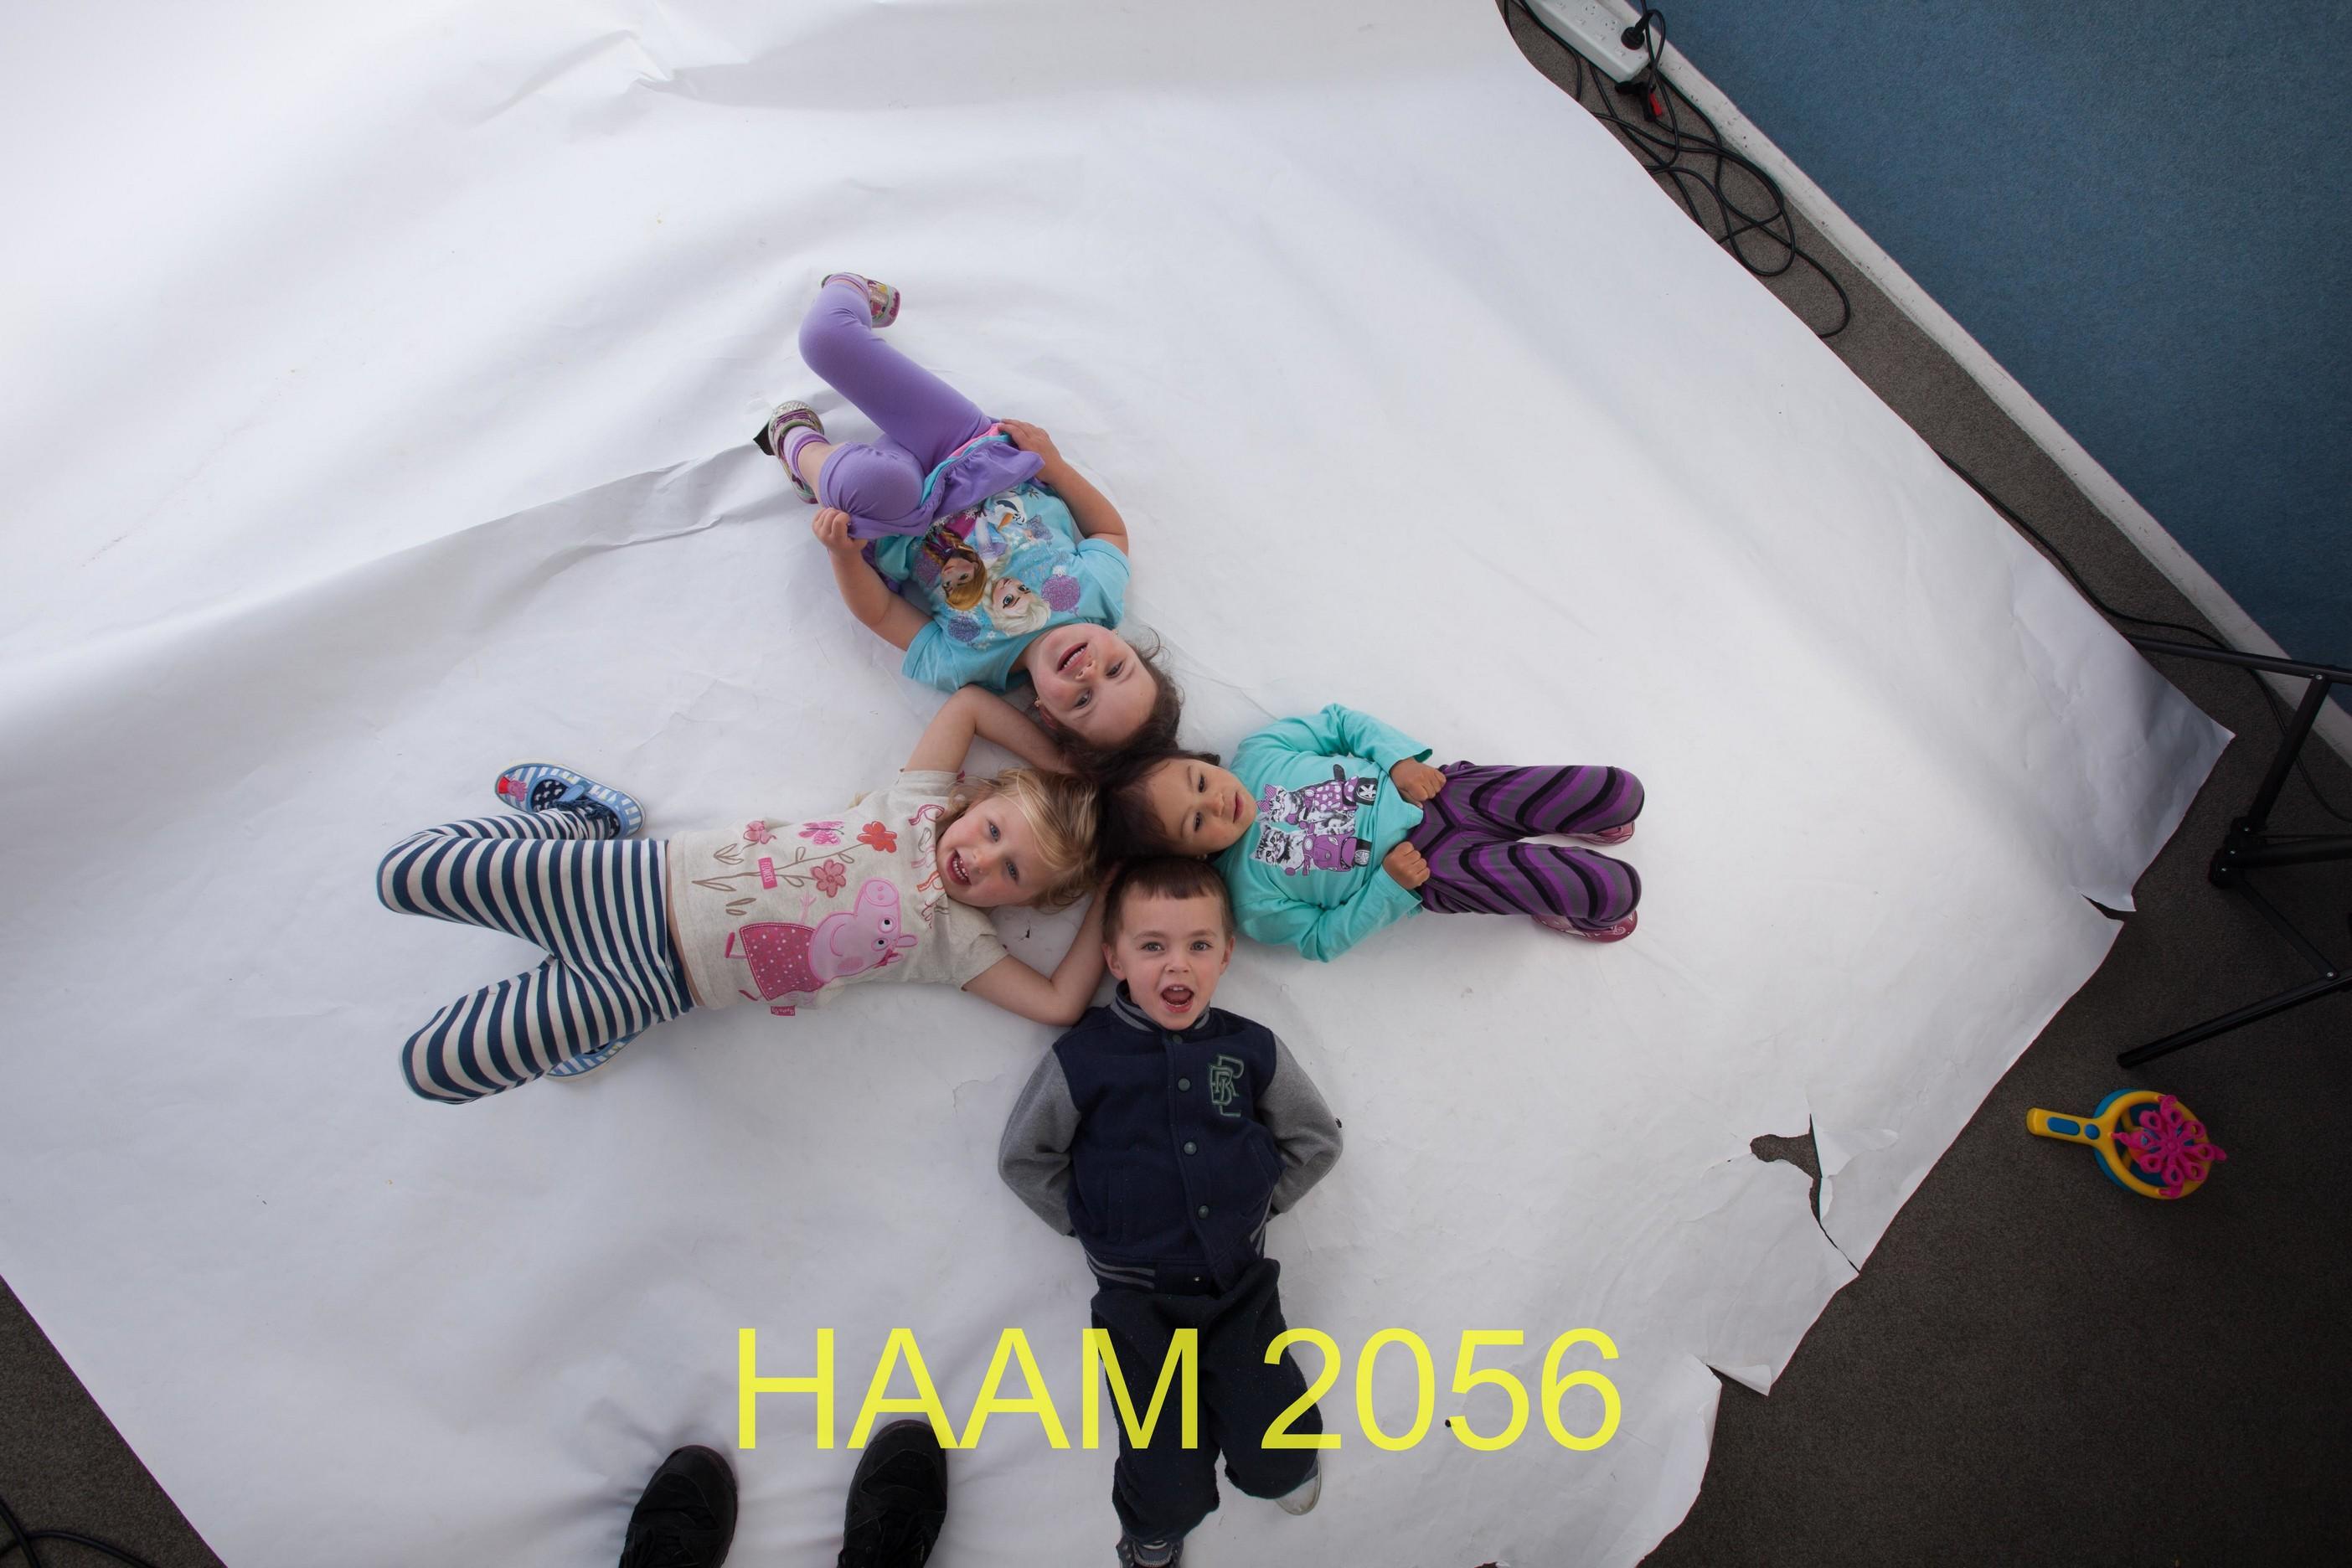 HAAM 2056